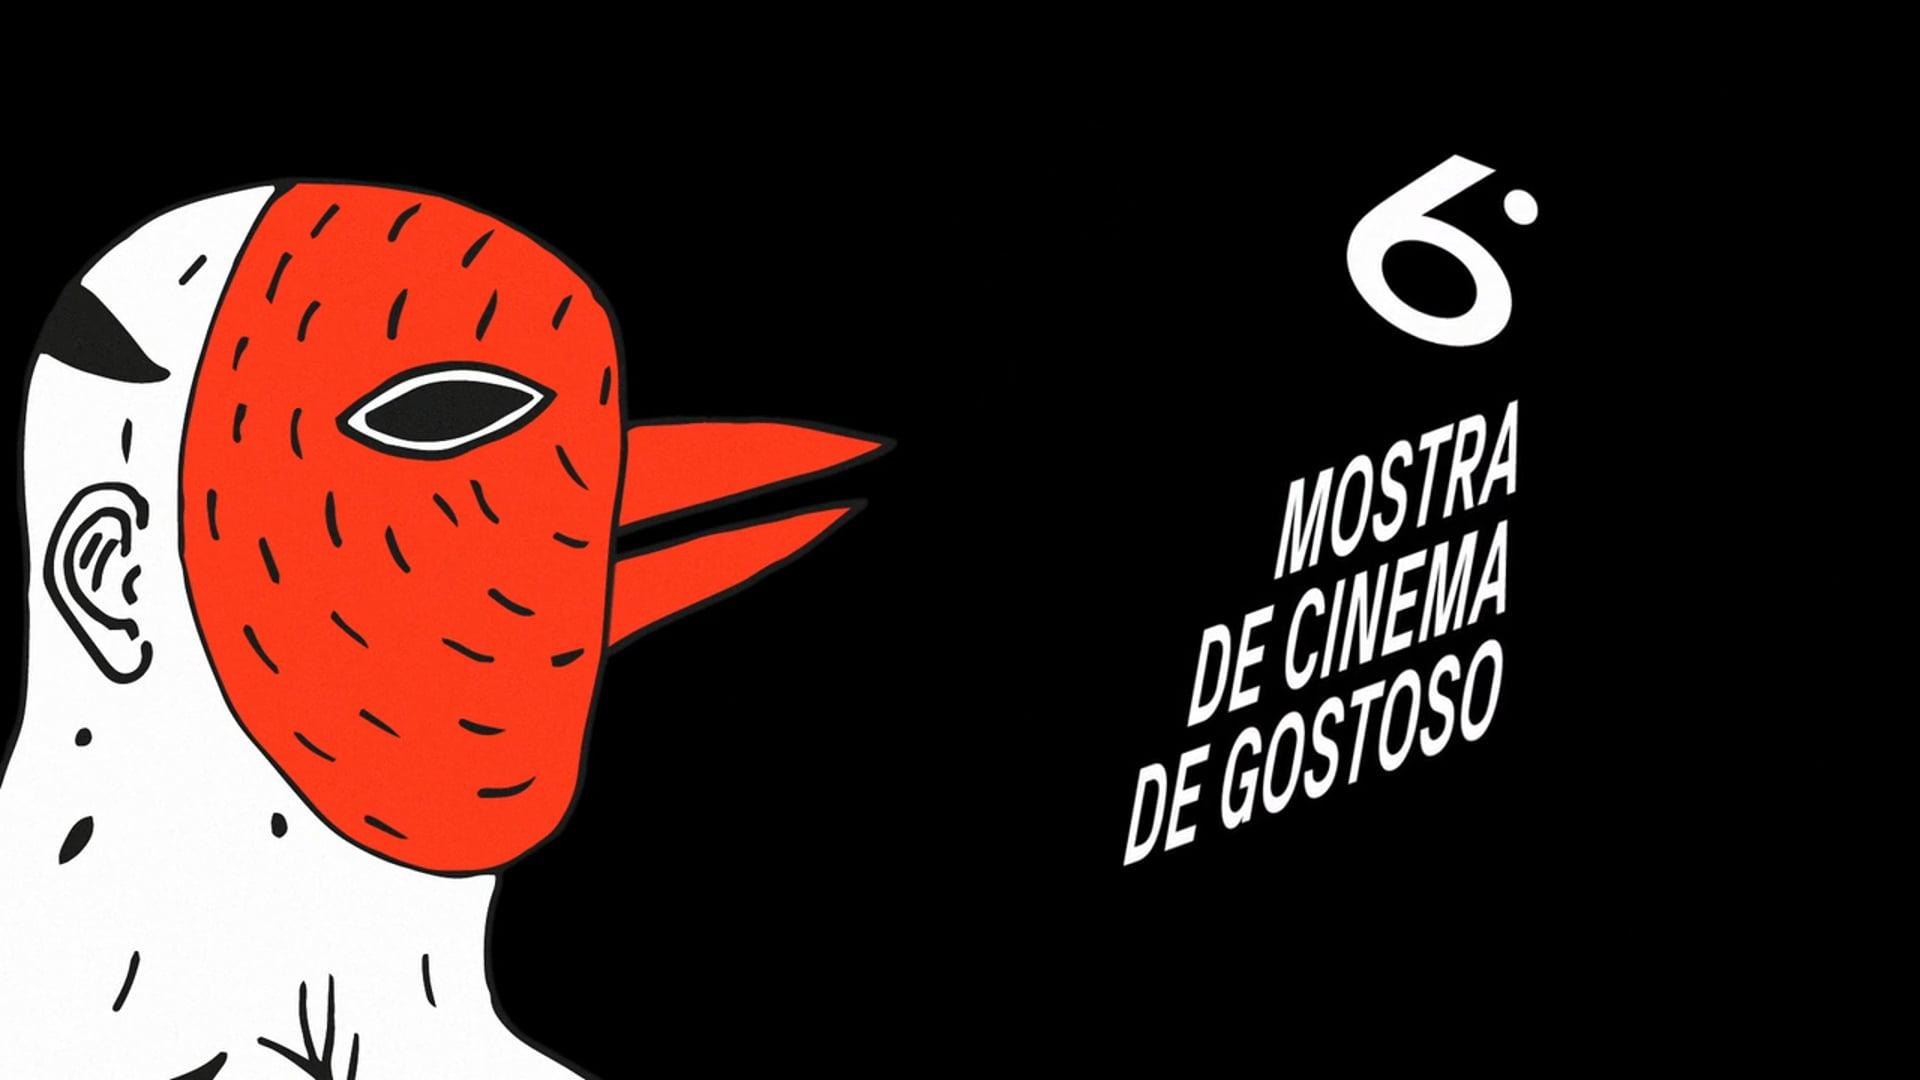 6ª Mostra de Cinema de Gostoso (2019)